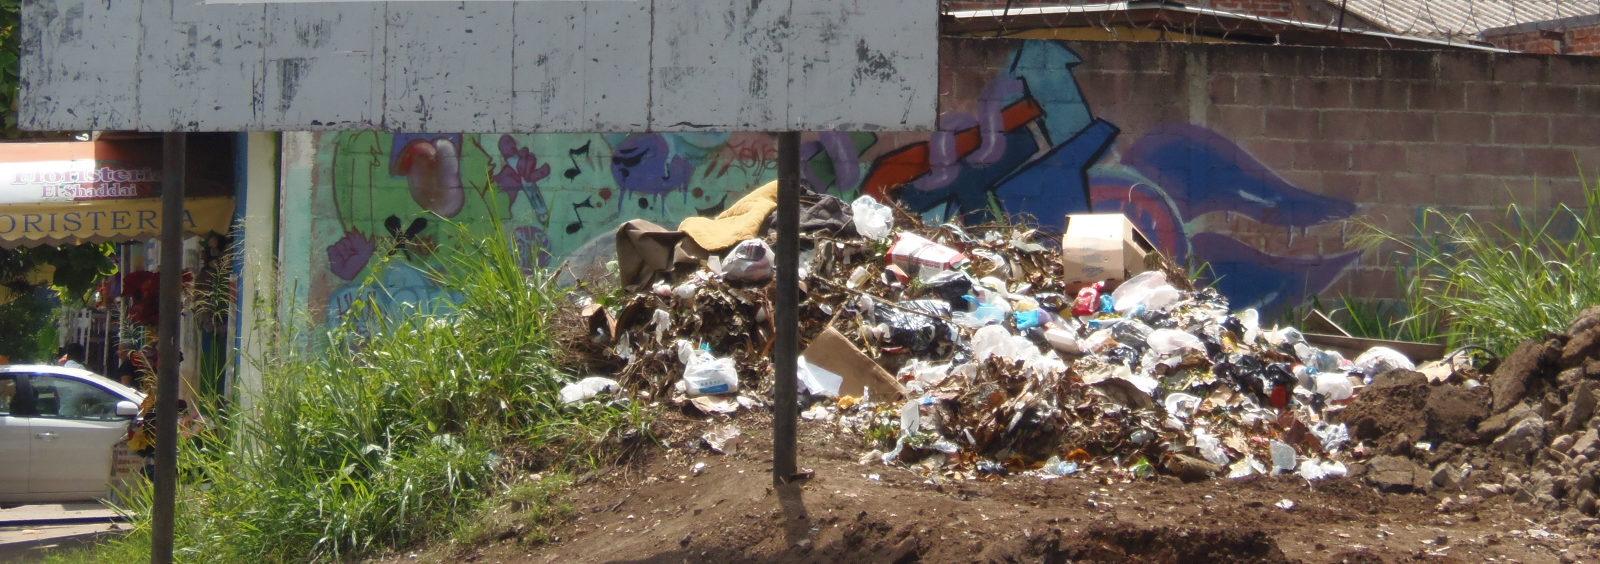 Santanecos preocupados por el problema de la basura